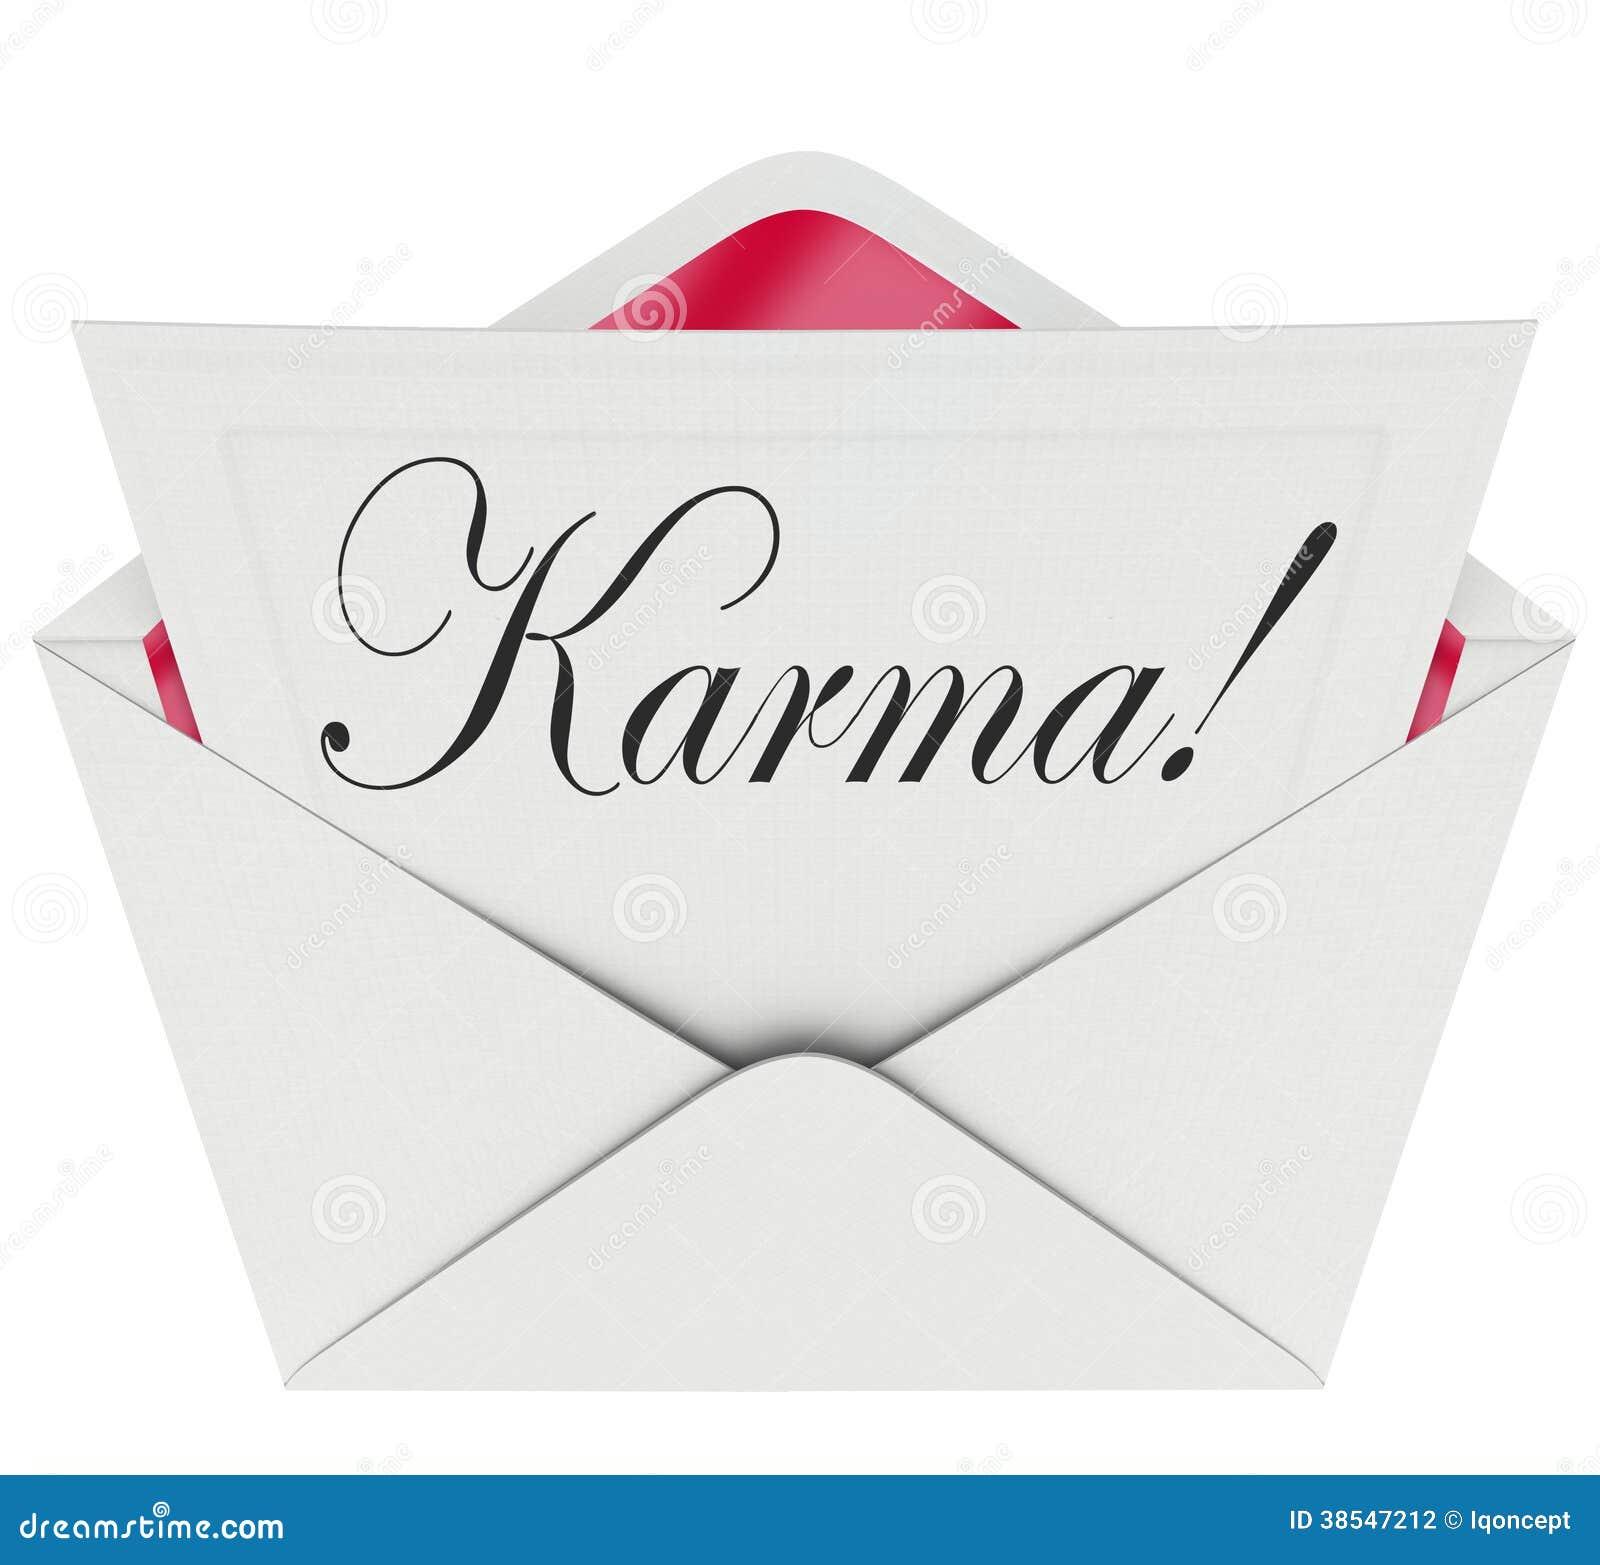 Karma invitation letter message open envelope good news luck stock karma invitation letter message open envelope good news luck stopboris Choice Image